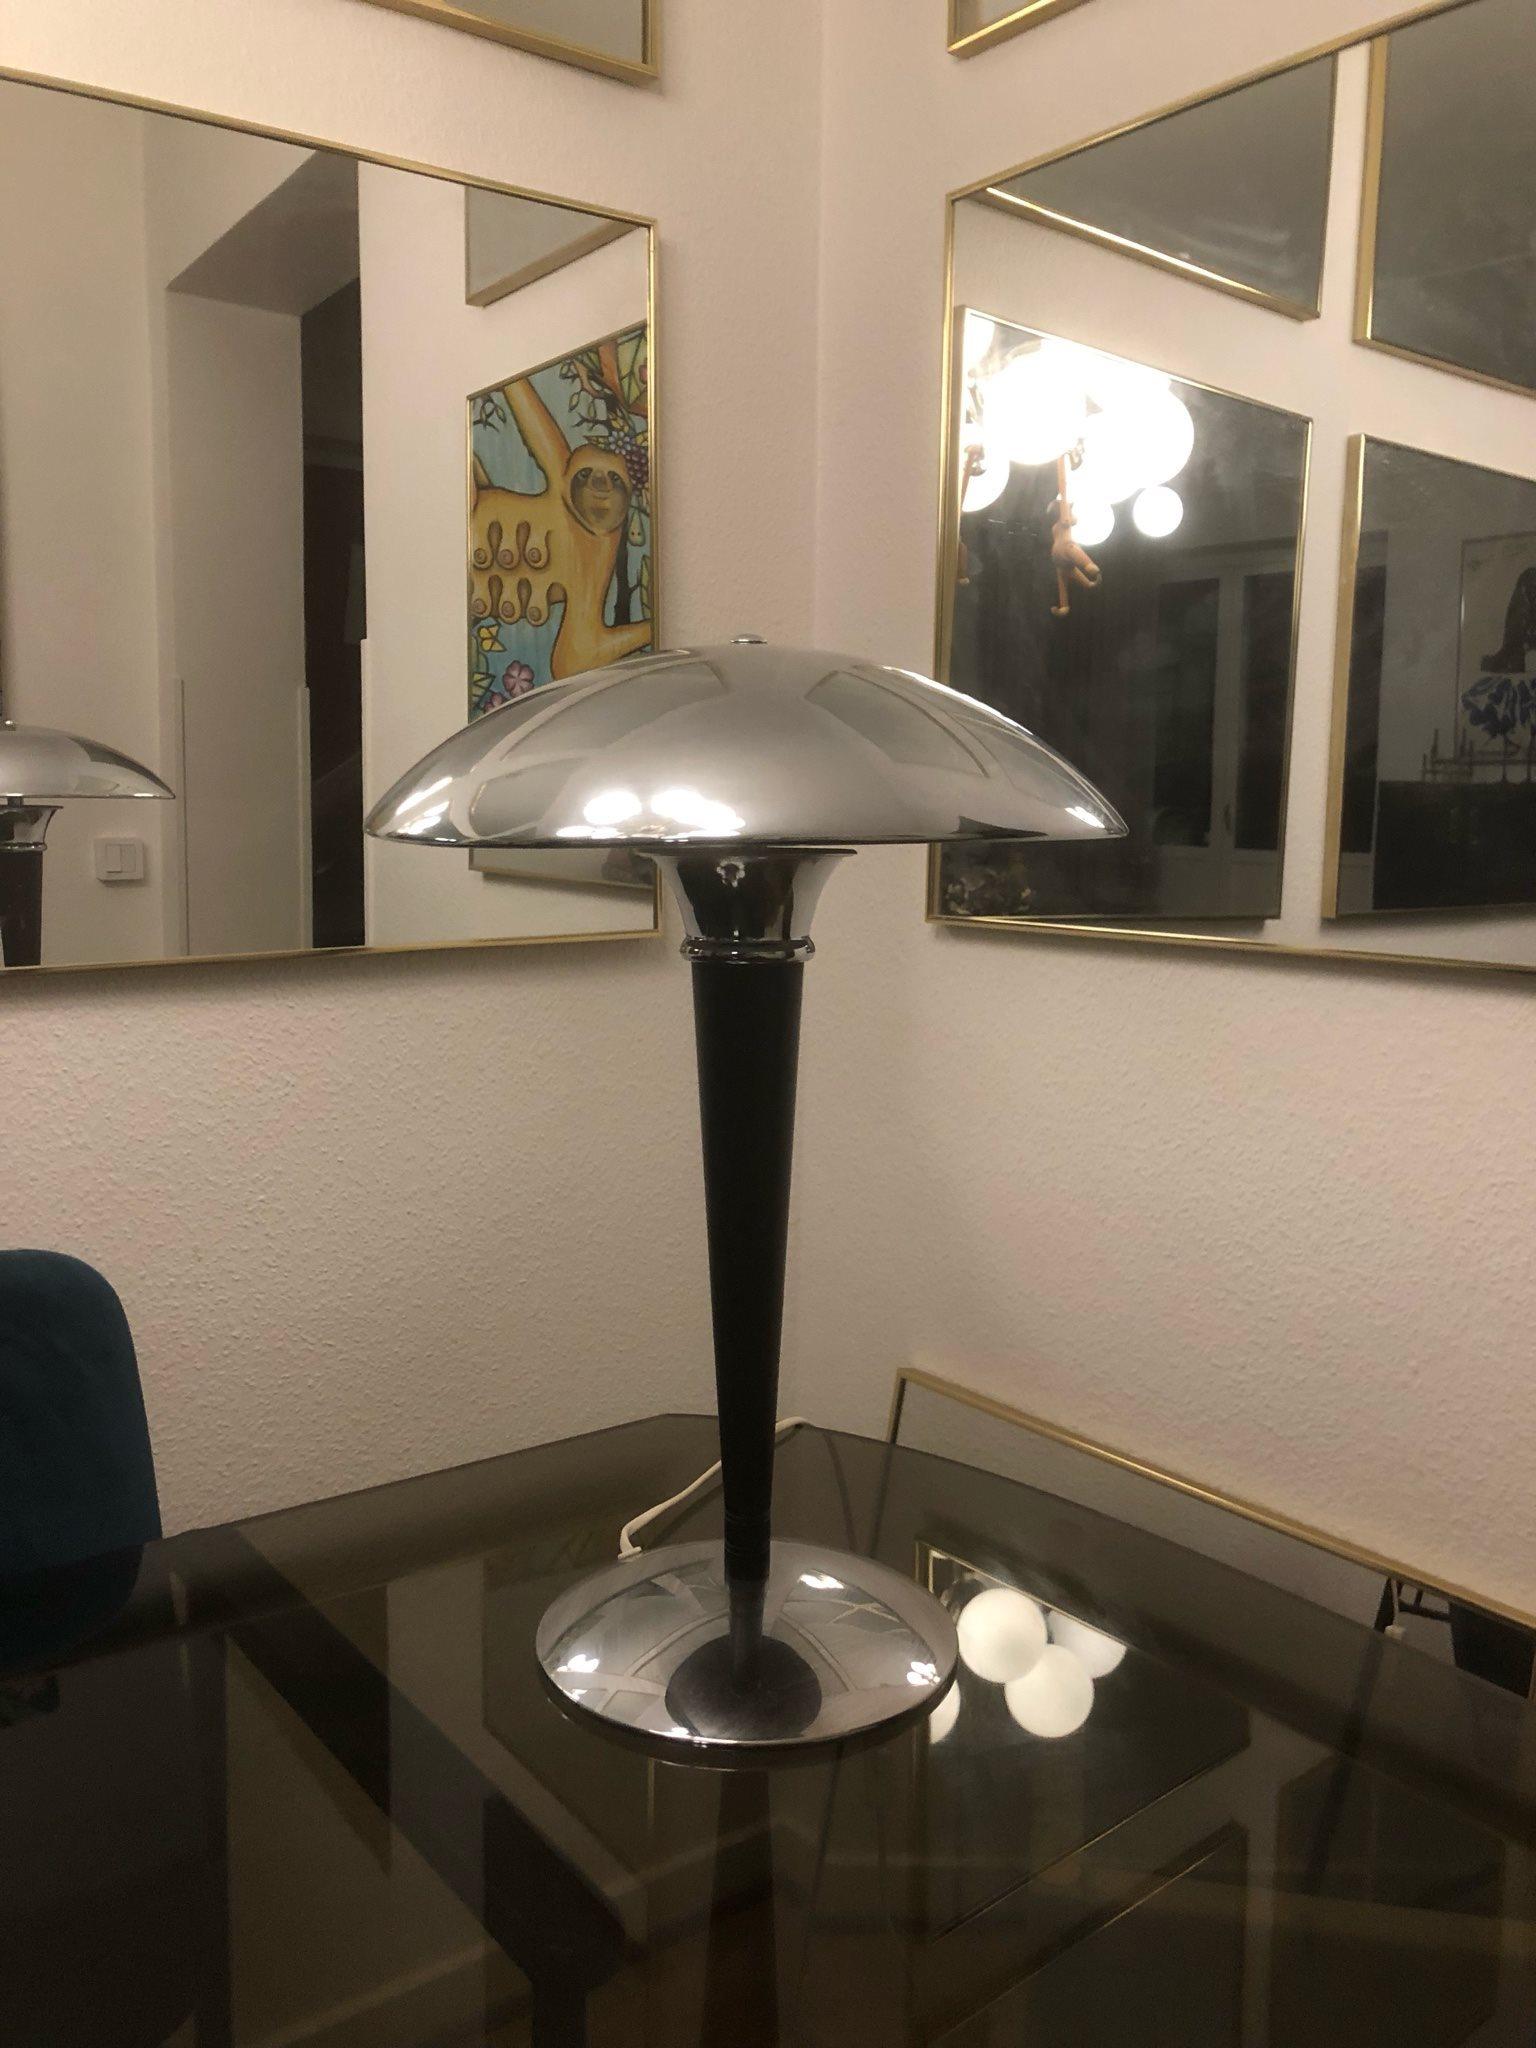 Lampa 90 Tal Art Deco Stil Crom Retro 334996910 ᐈ Kop Pa Tradera